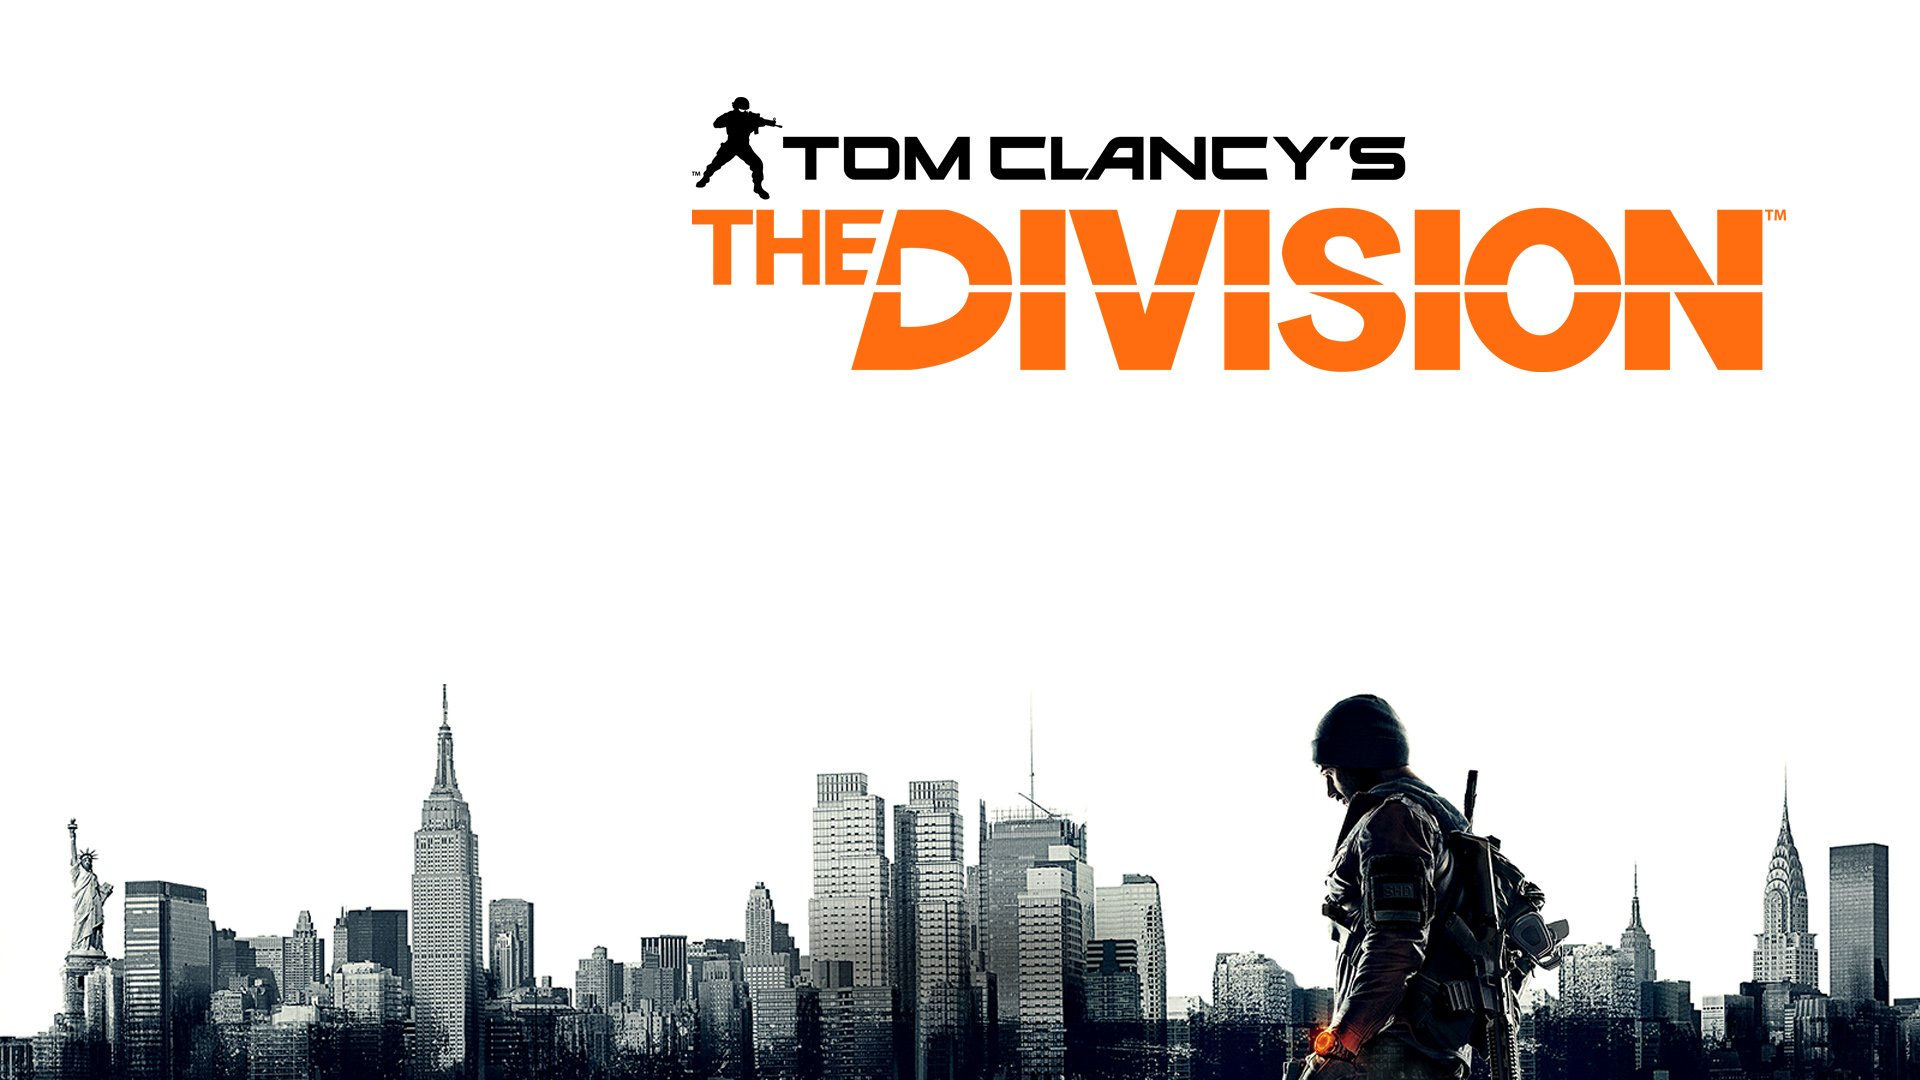 Как получить бесплатный доступ к бета-тесту Tom Clancy's The Division для PS4 - Изображение 1